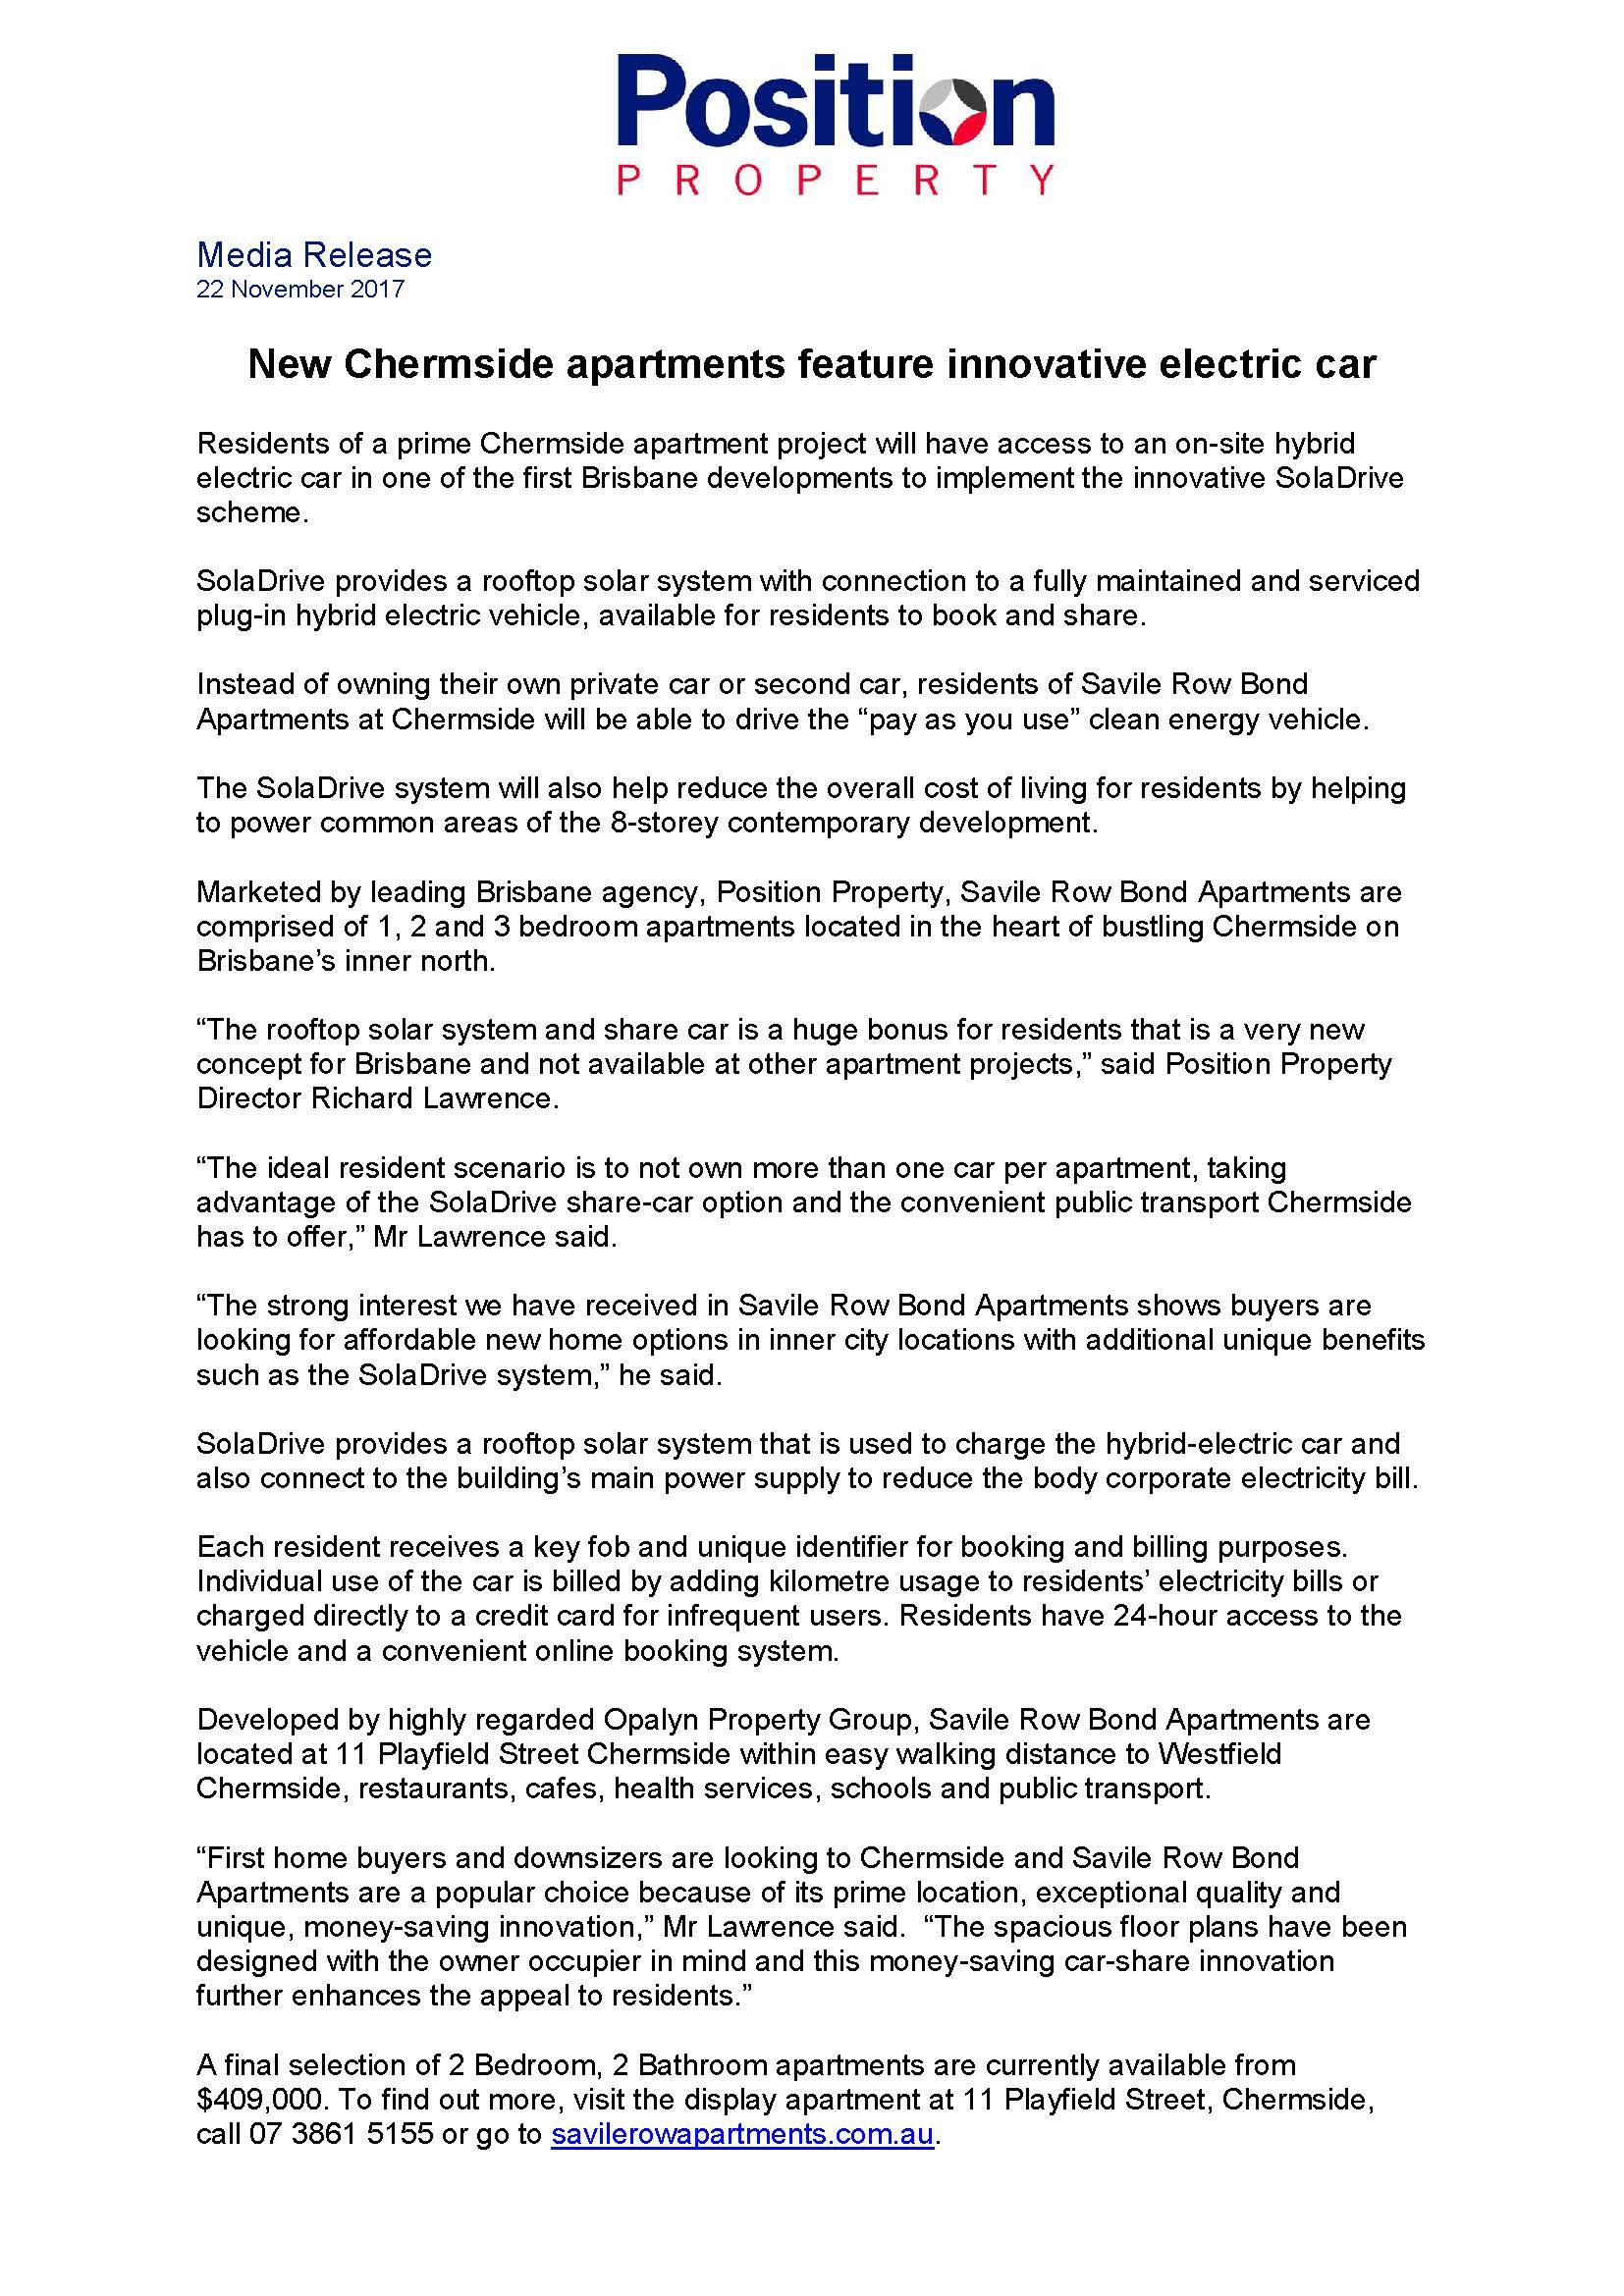 Media Release Chermside - Newsletter.jpg